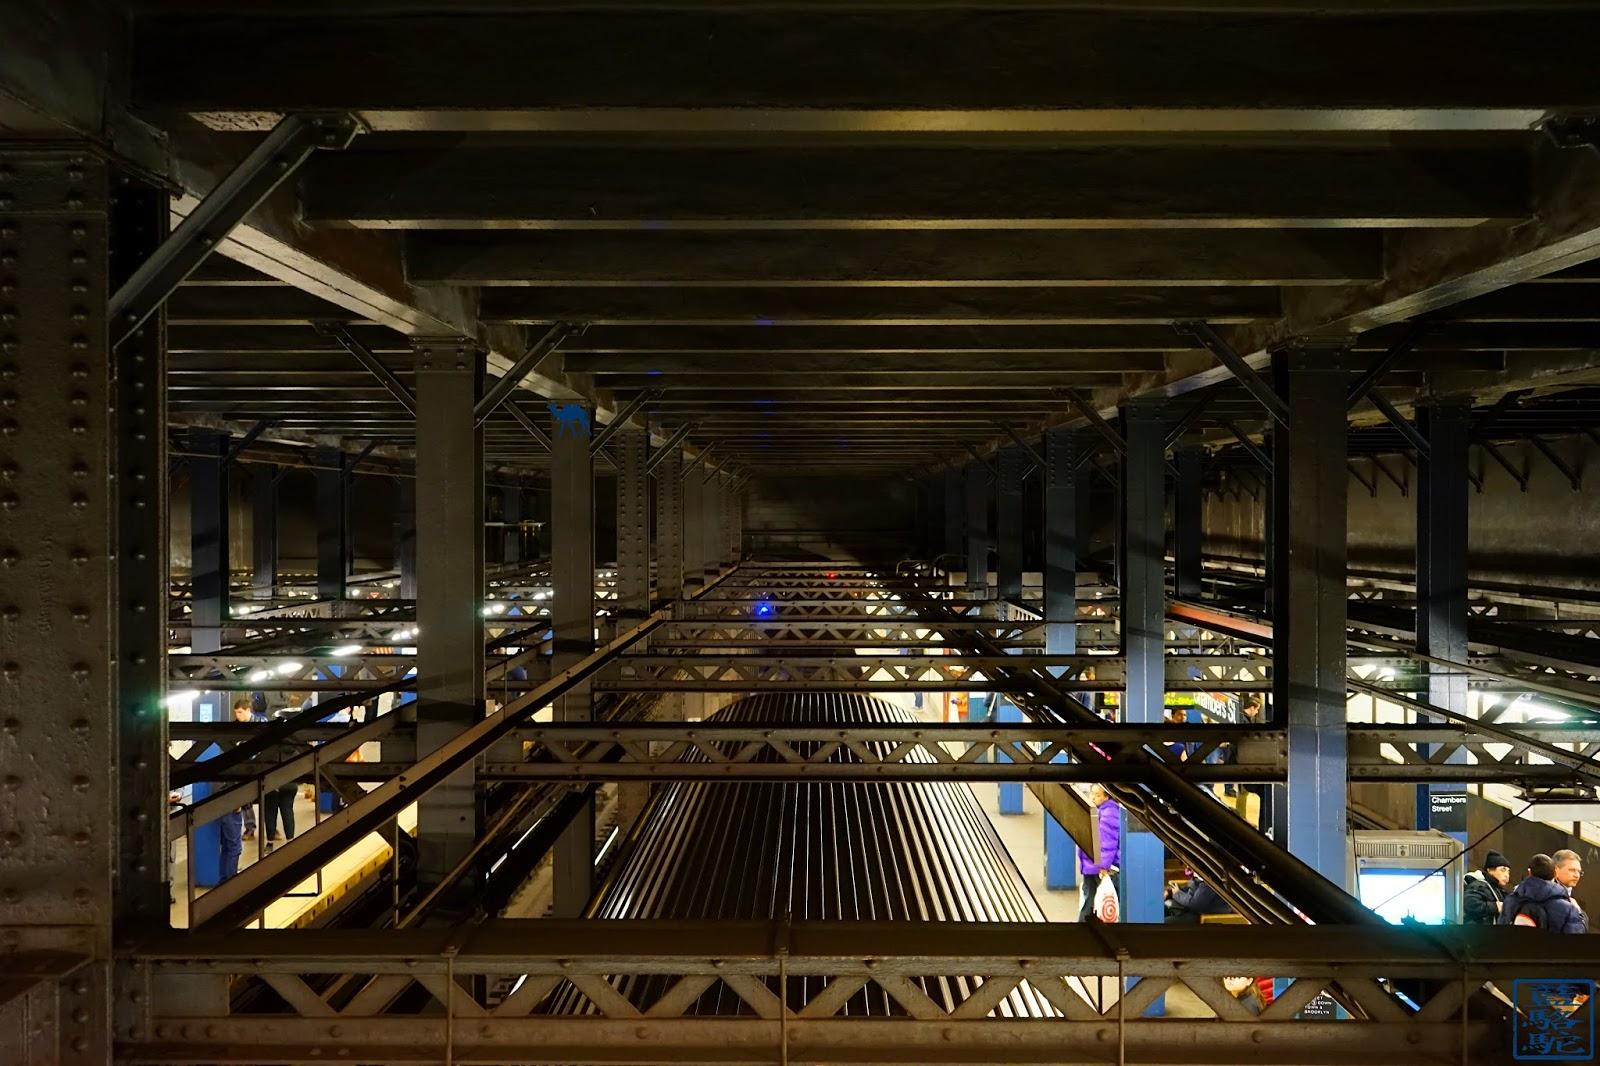 Le Chameau Bleu - Perspectives du métro de New York